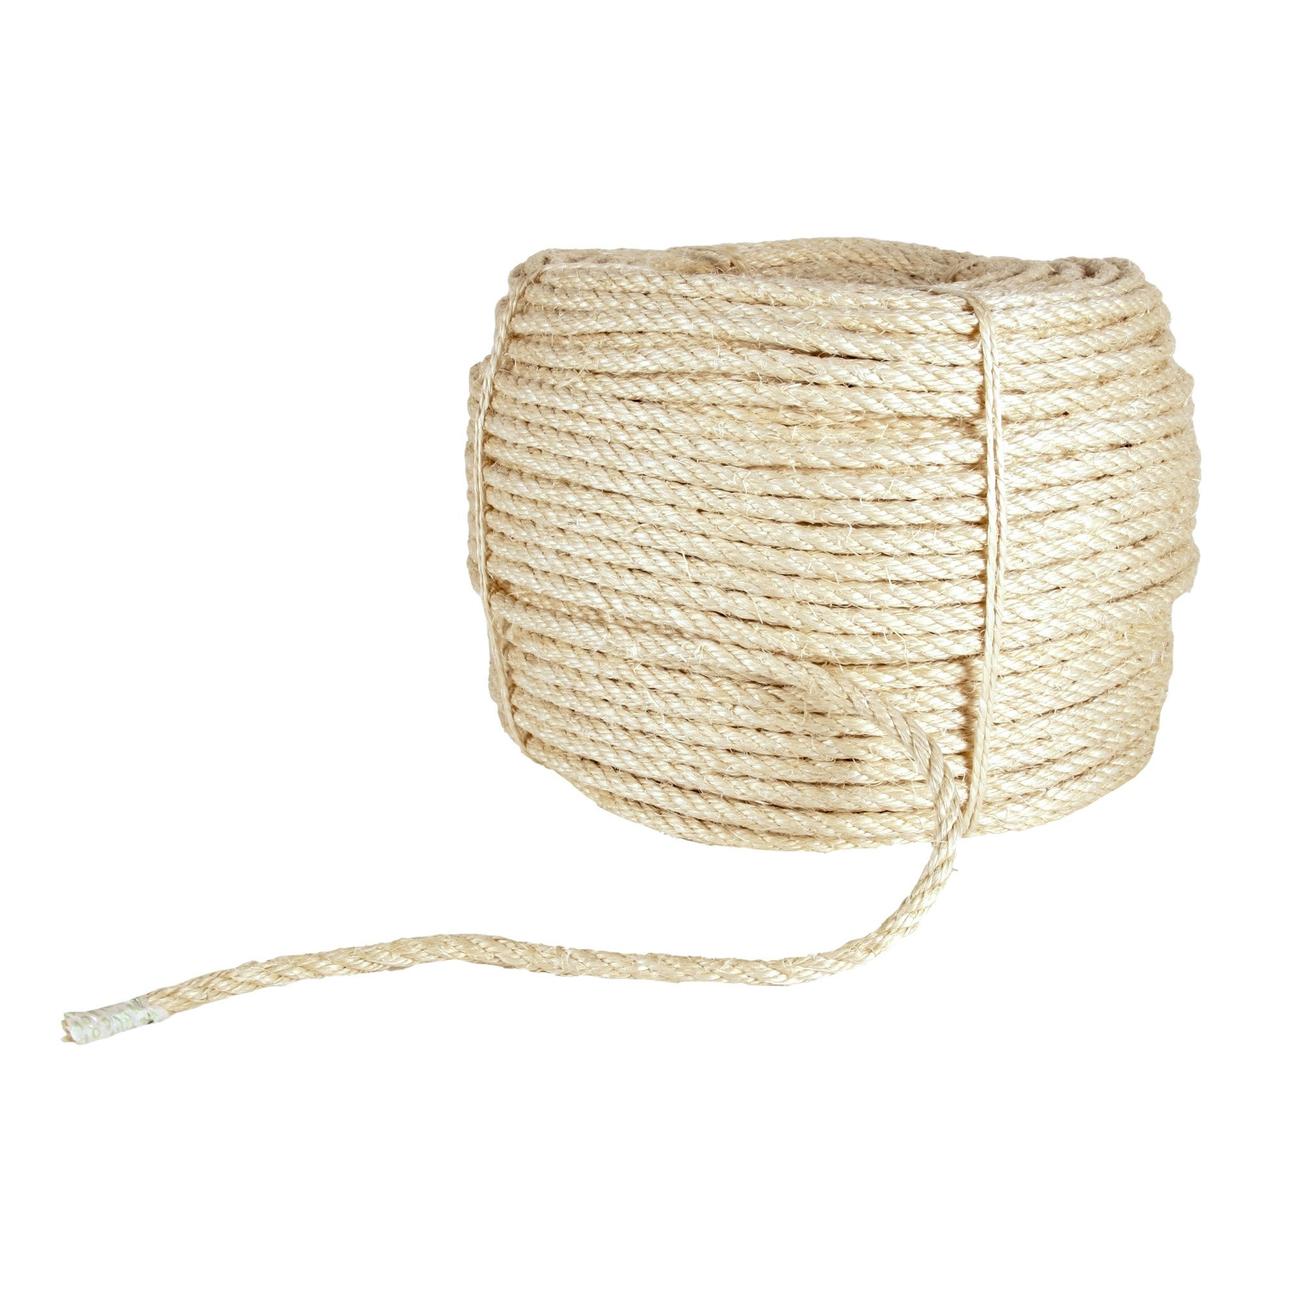 Trixie Seil 10 mm für Kratzbaum, Meterware, Sisal, 10 mm, je Meter